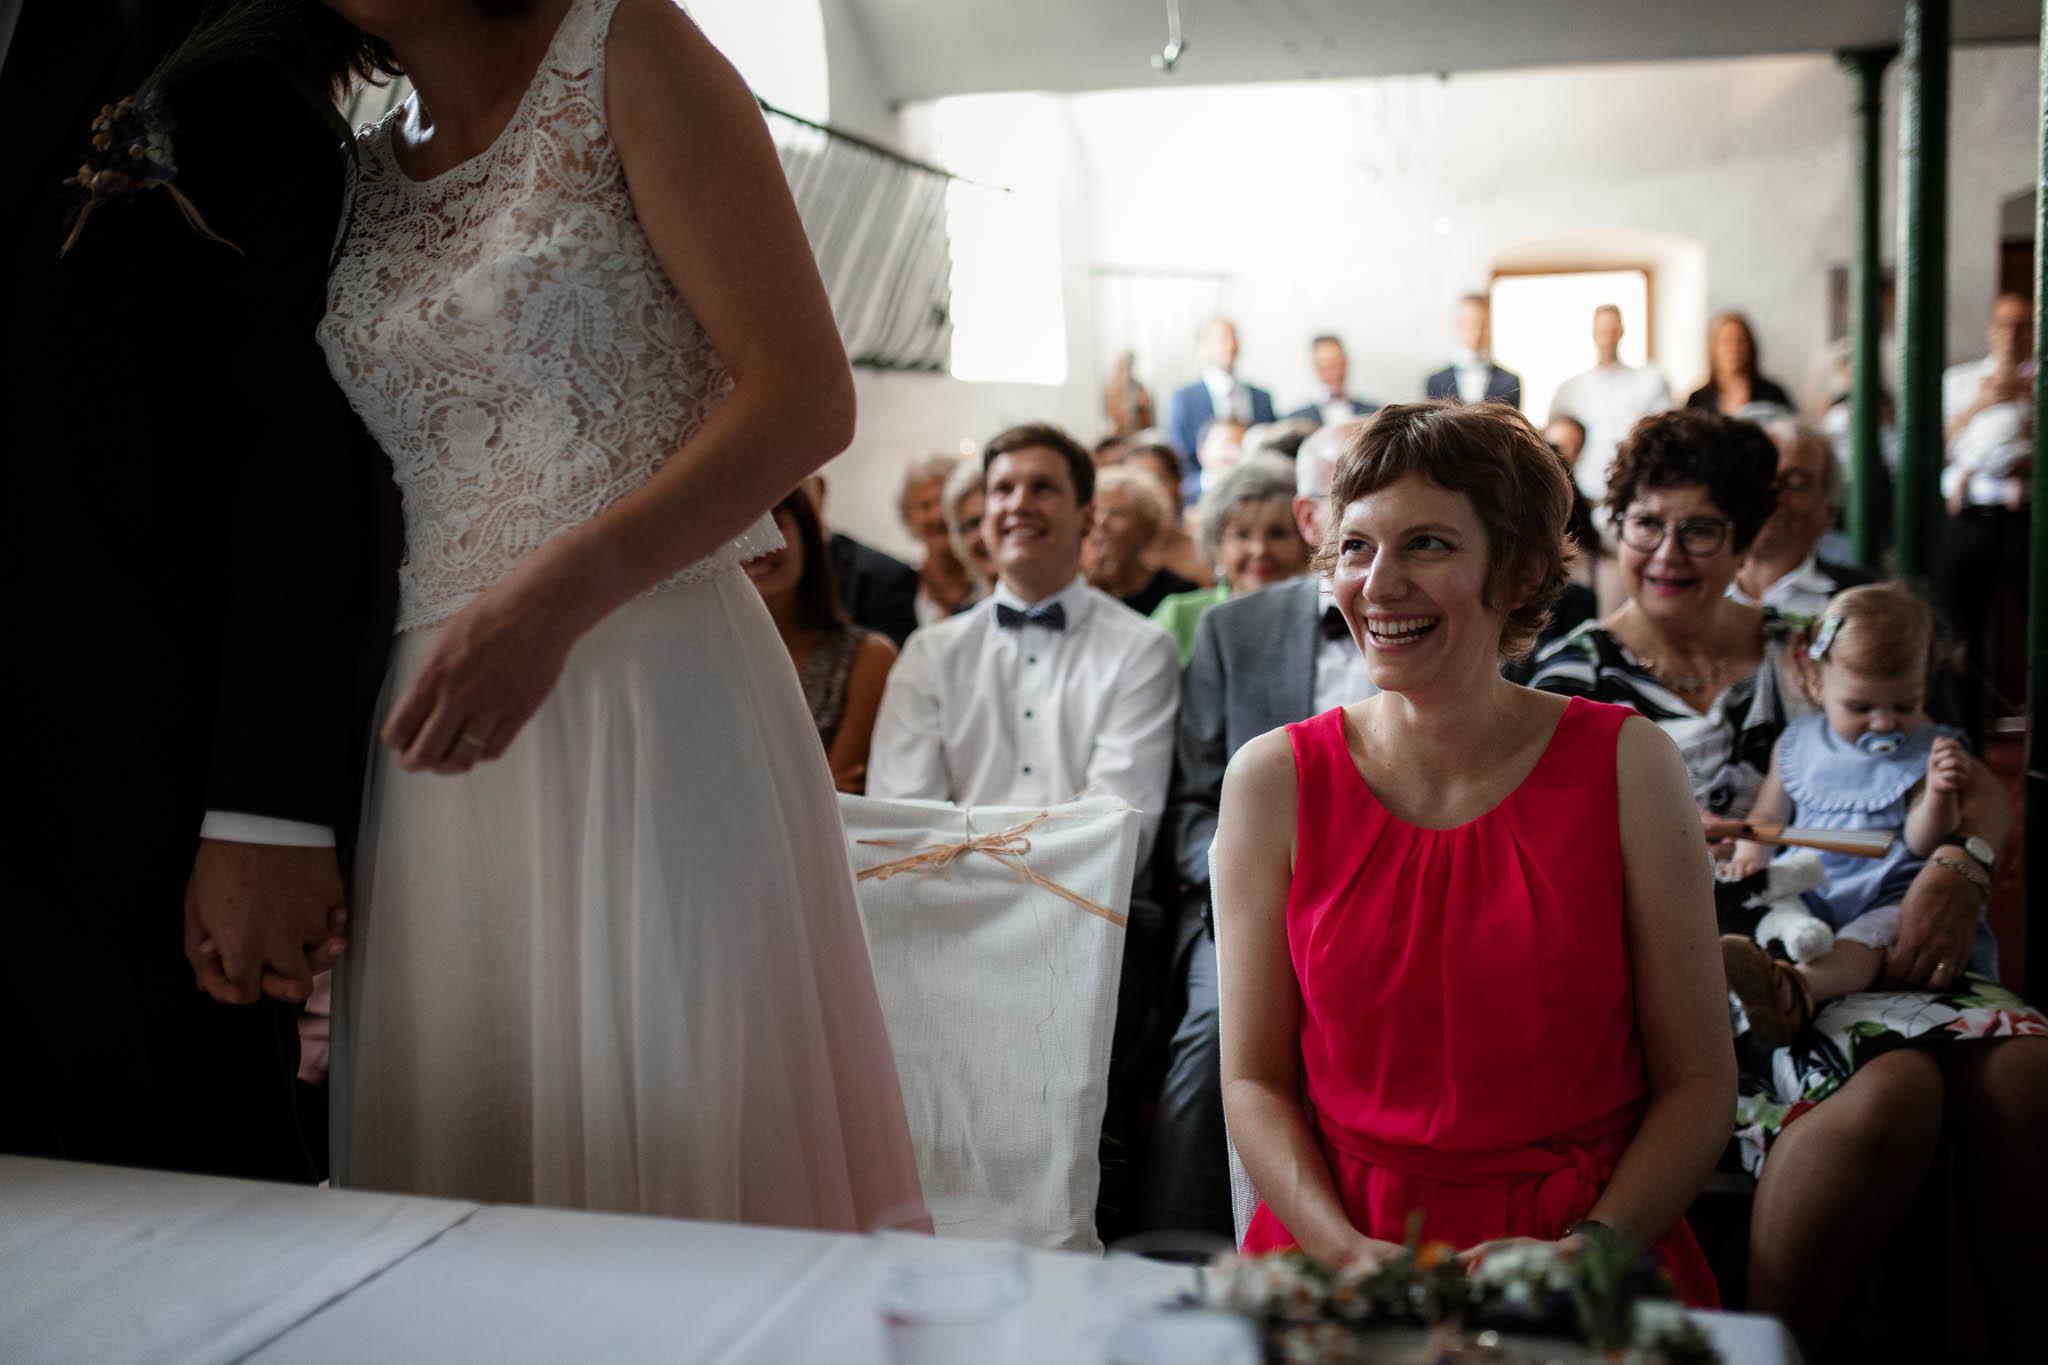 Hochzeitsfotograf Guntersblum, Domhof - Hochzeit von Ina & Johannes 20